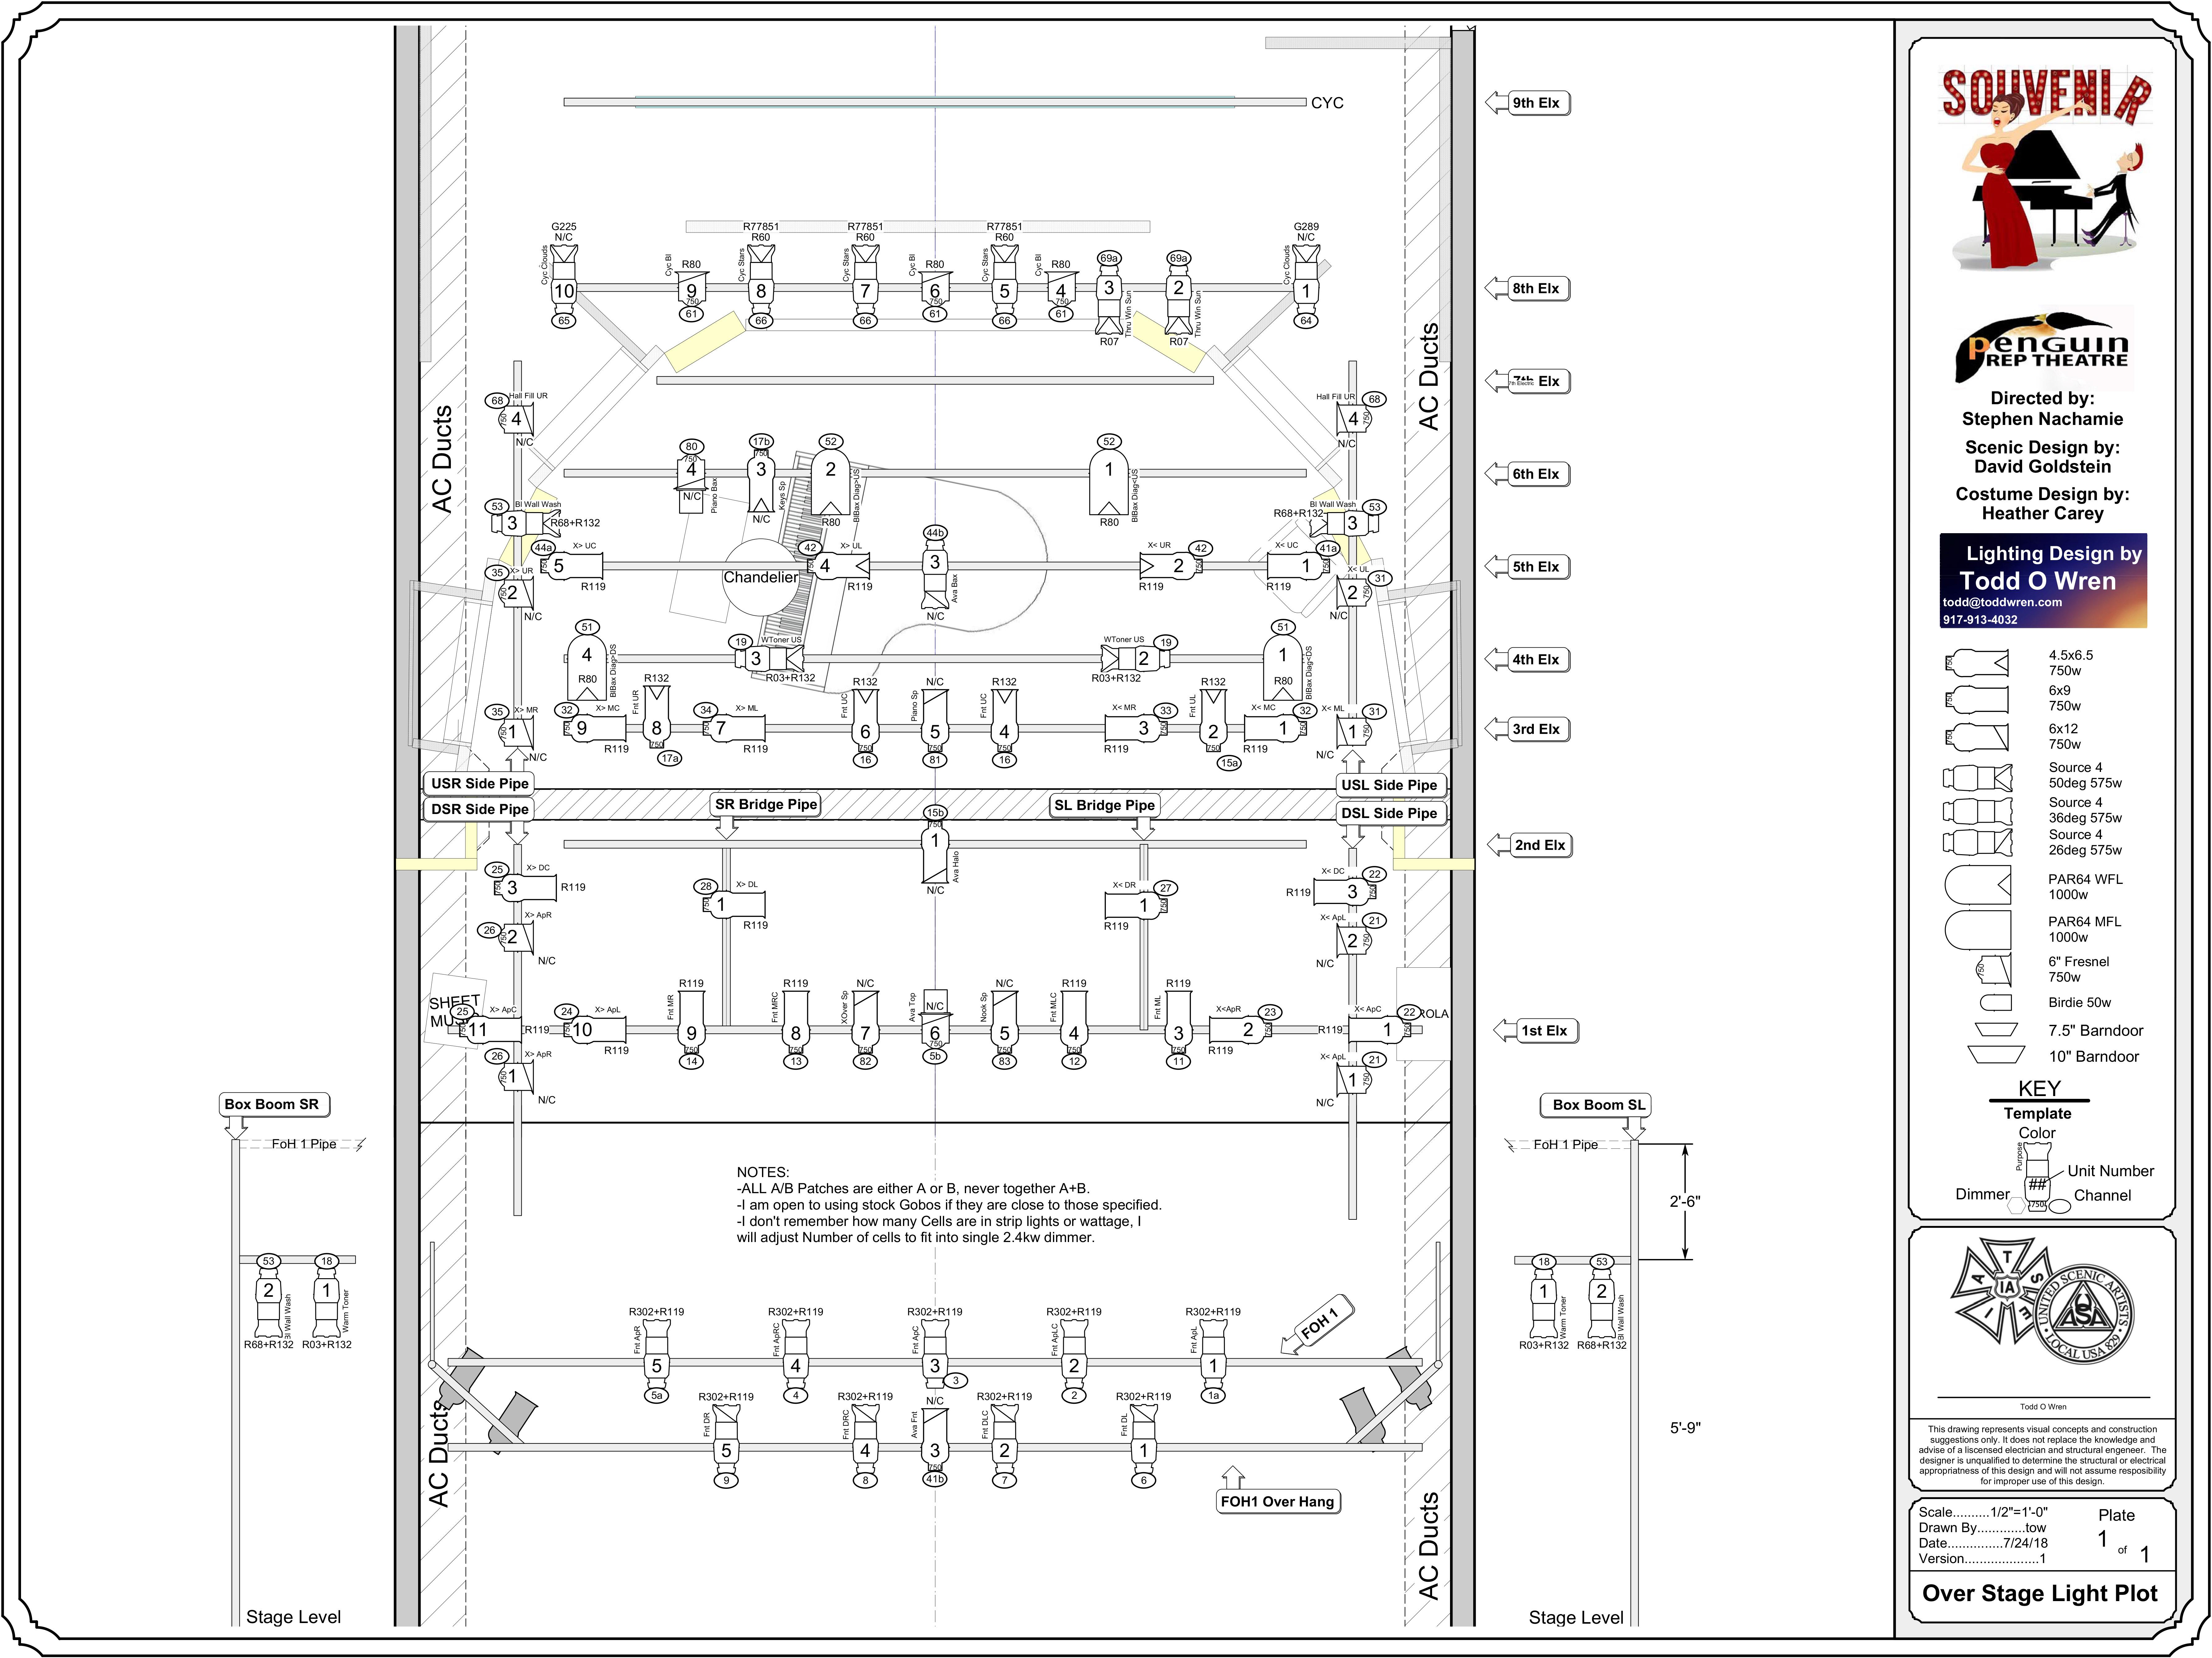 Click Link Below for PDF Plot